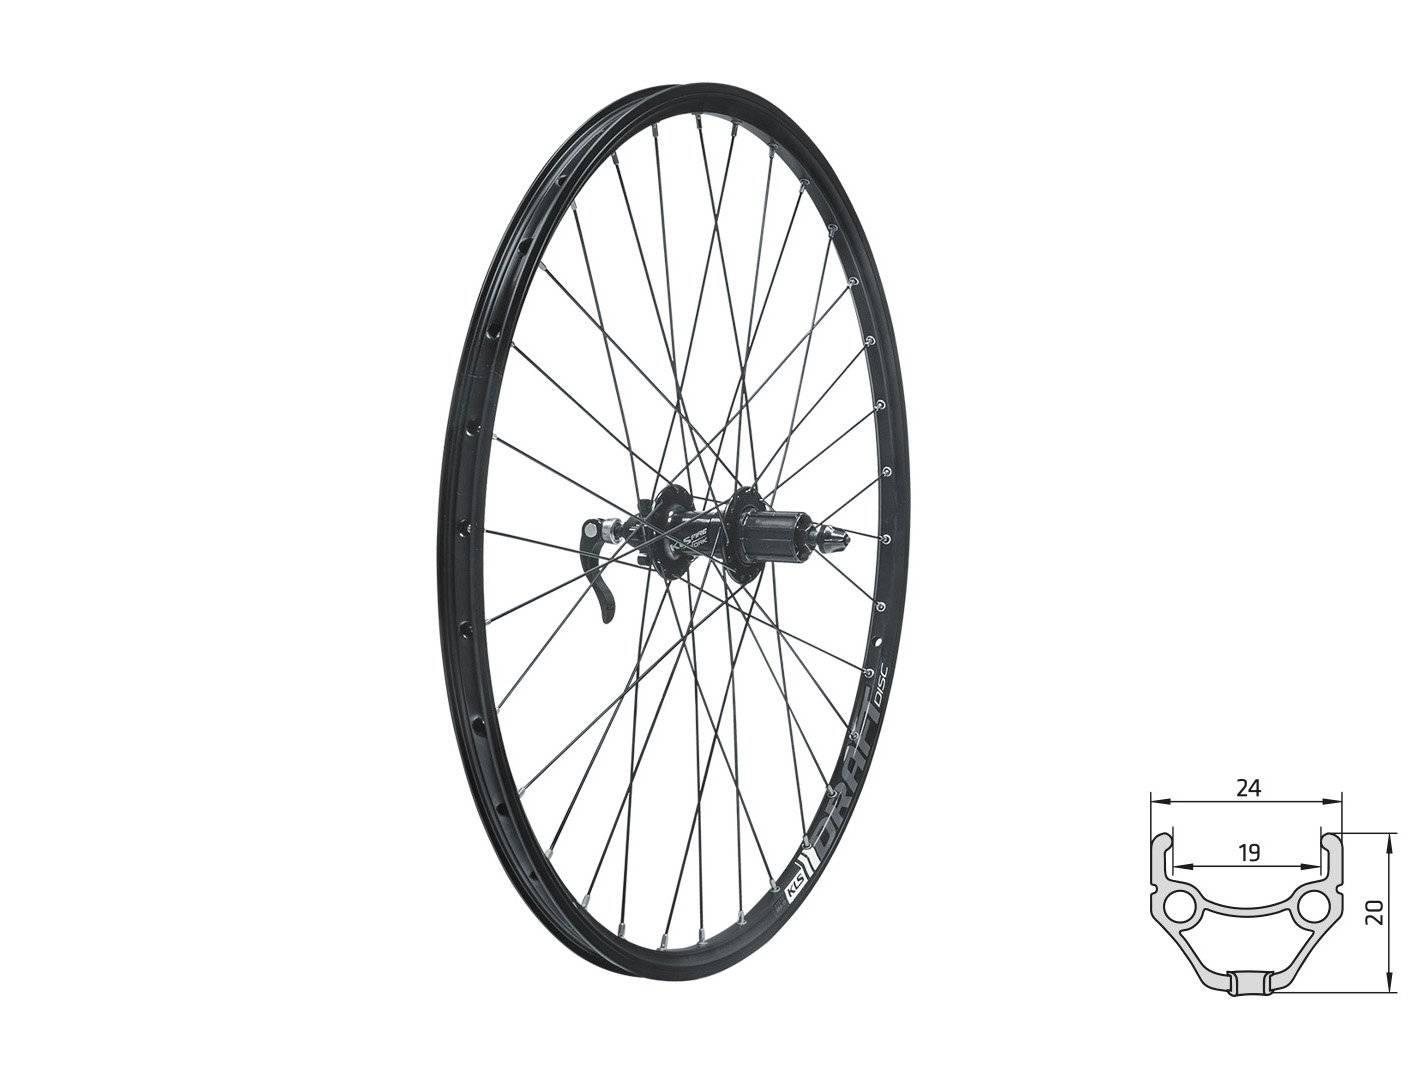 Колесо велосипедное заднее KELLY'S KLS DRAFT DSC, 27.5, двойной обод 32Н, 8-10 скоростей, с эксцентриком, черное